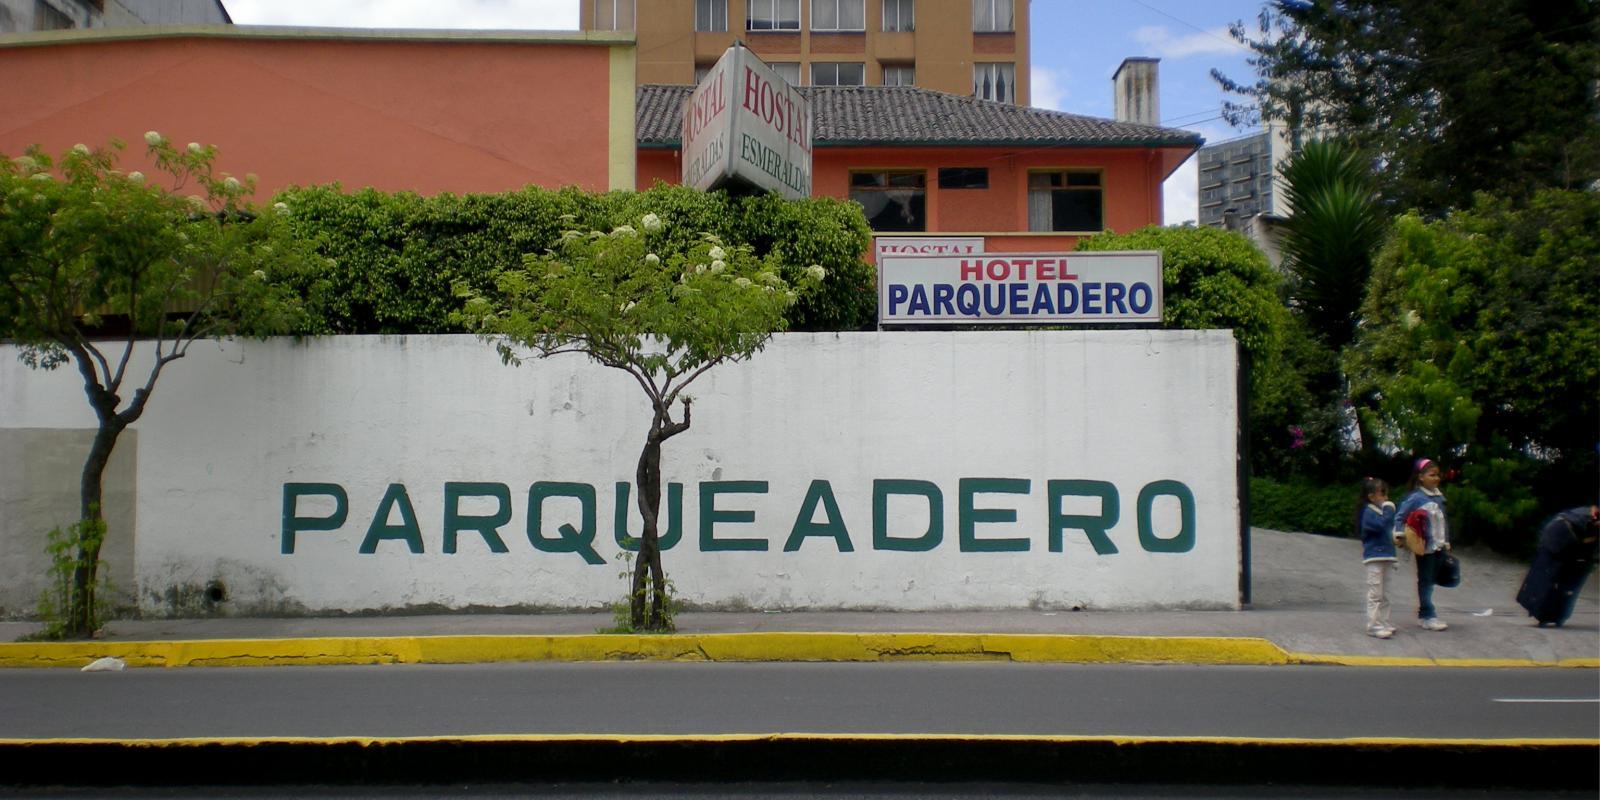 Parqueadero, Quito, Ecuador (2008)